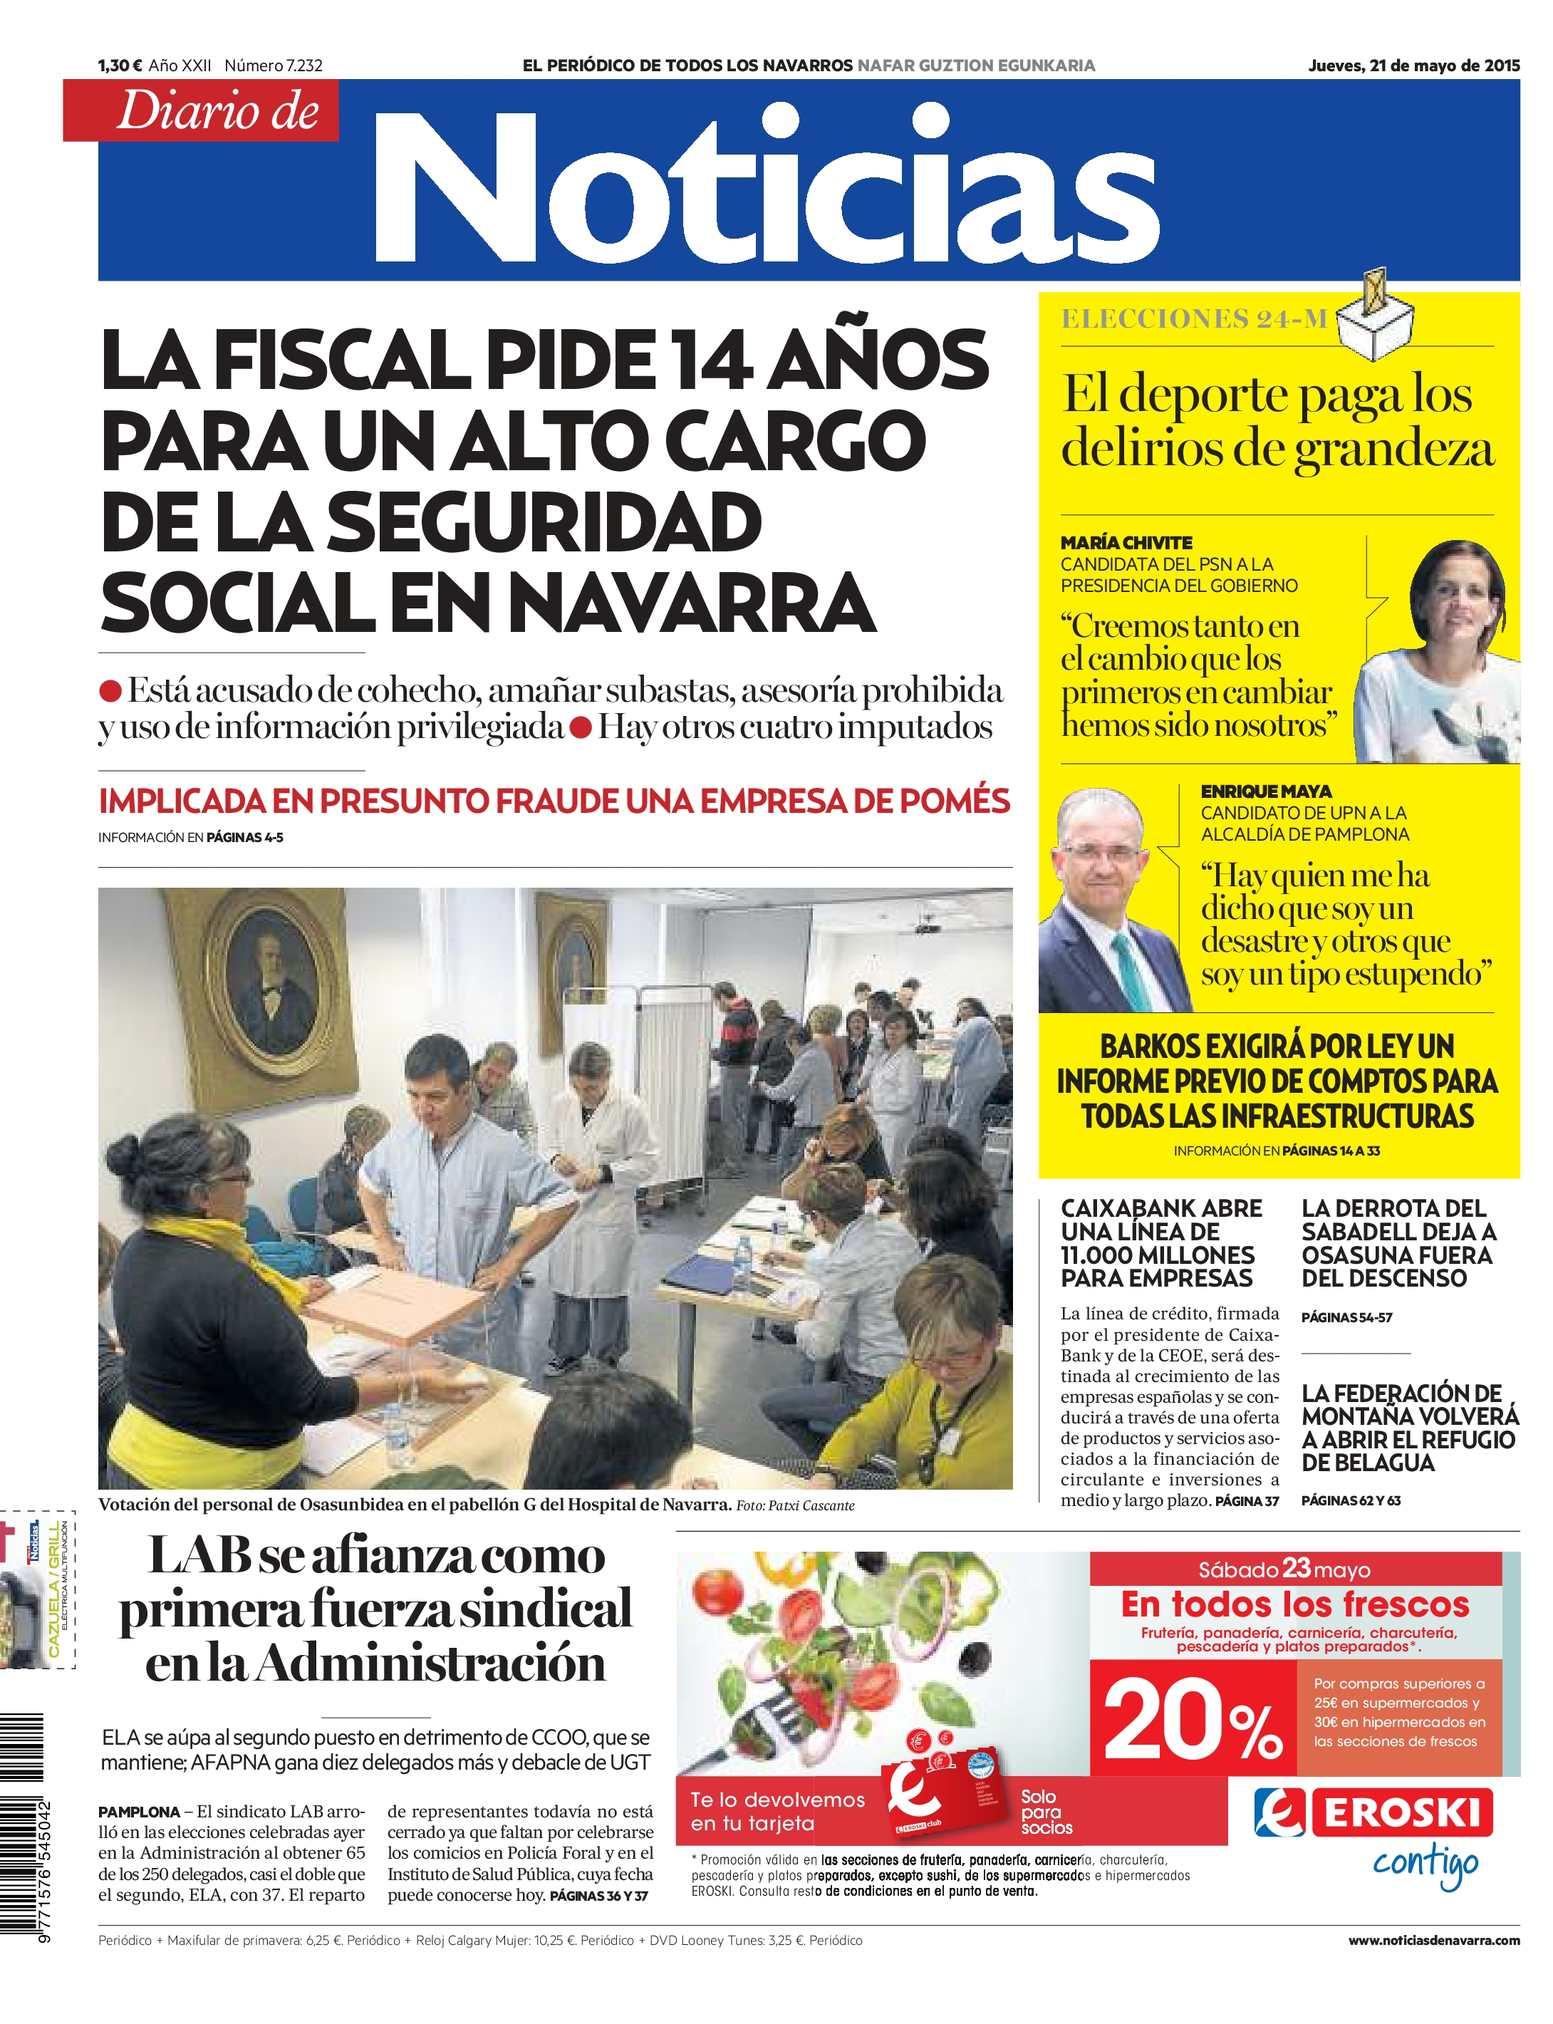 a26834be8a66 Calaméo - Diario de Noticias 20150521